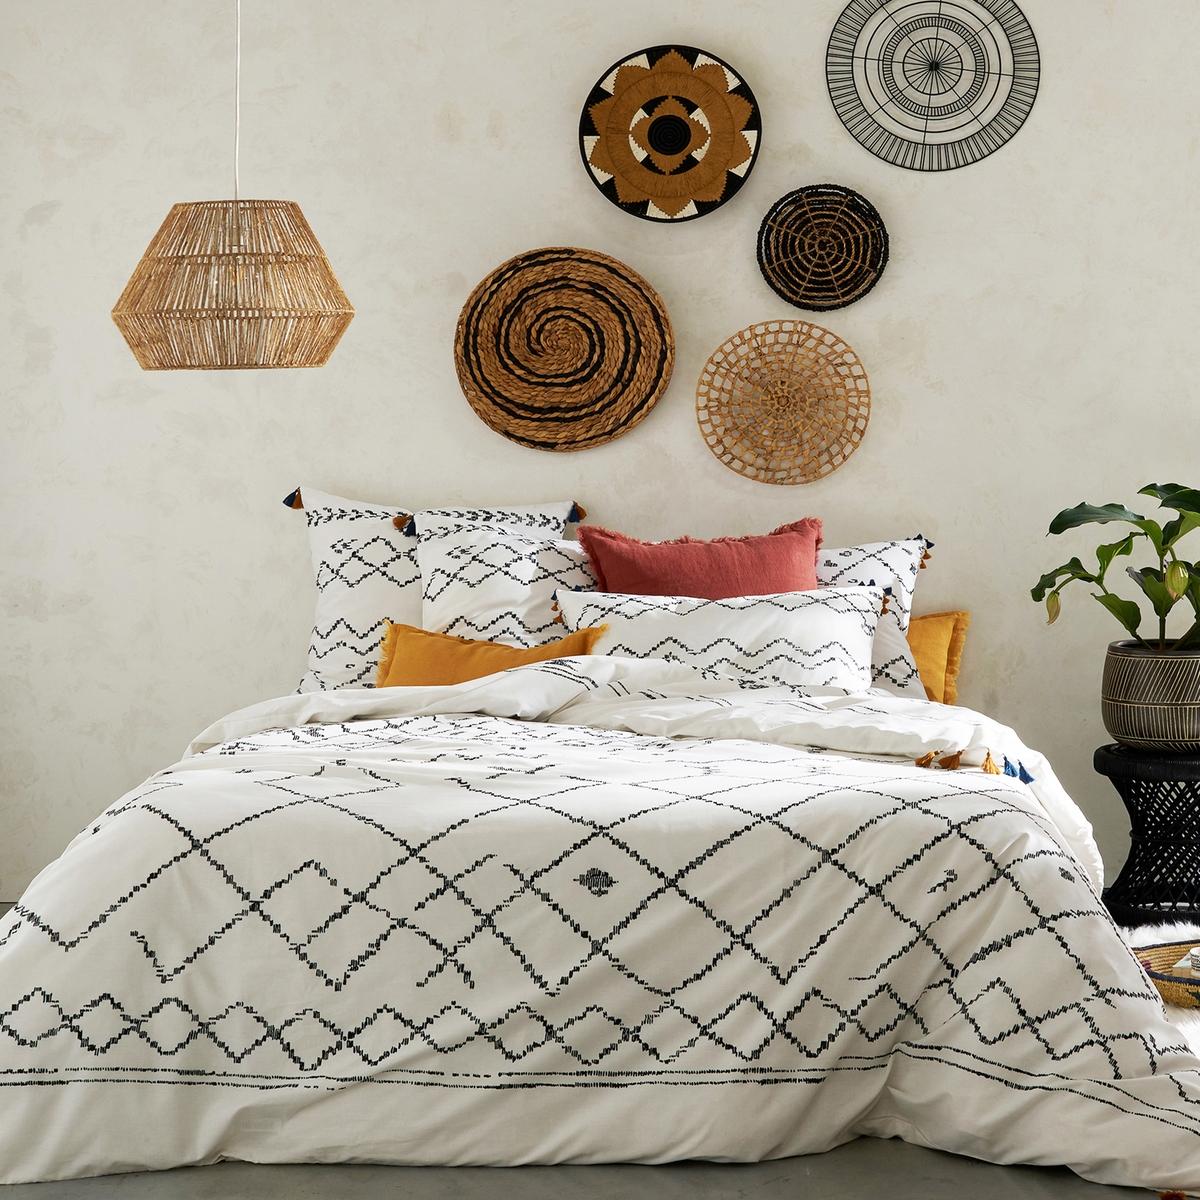 Пододеяльник La Redoute Из хлопка Afro Craft 140 x 200 см черный